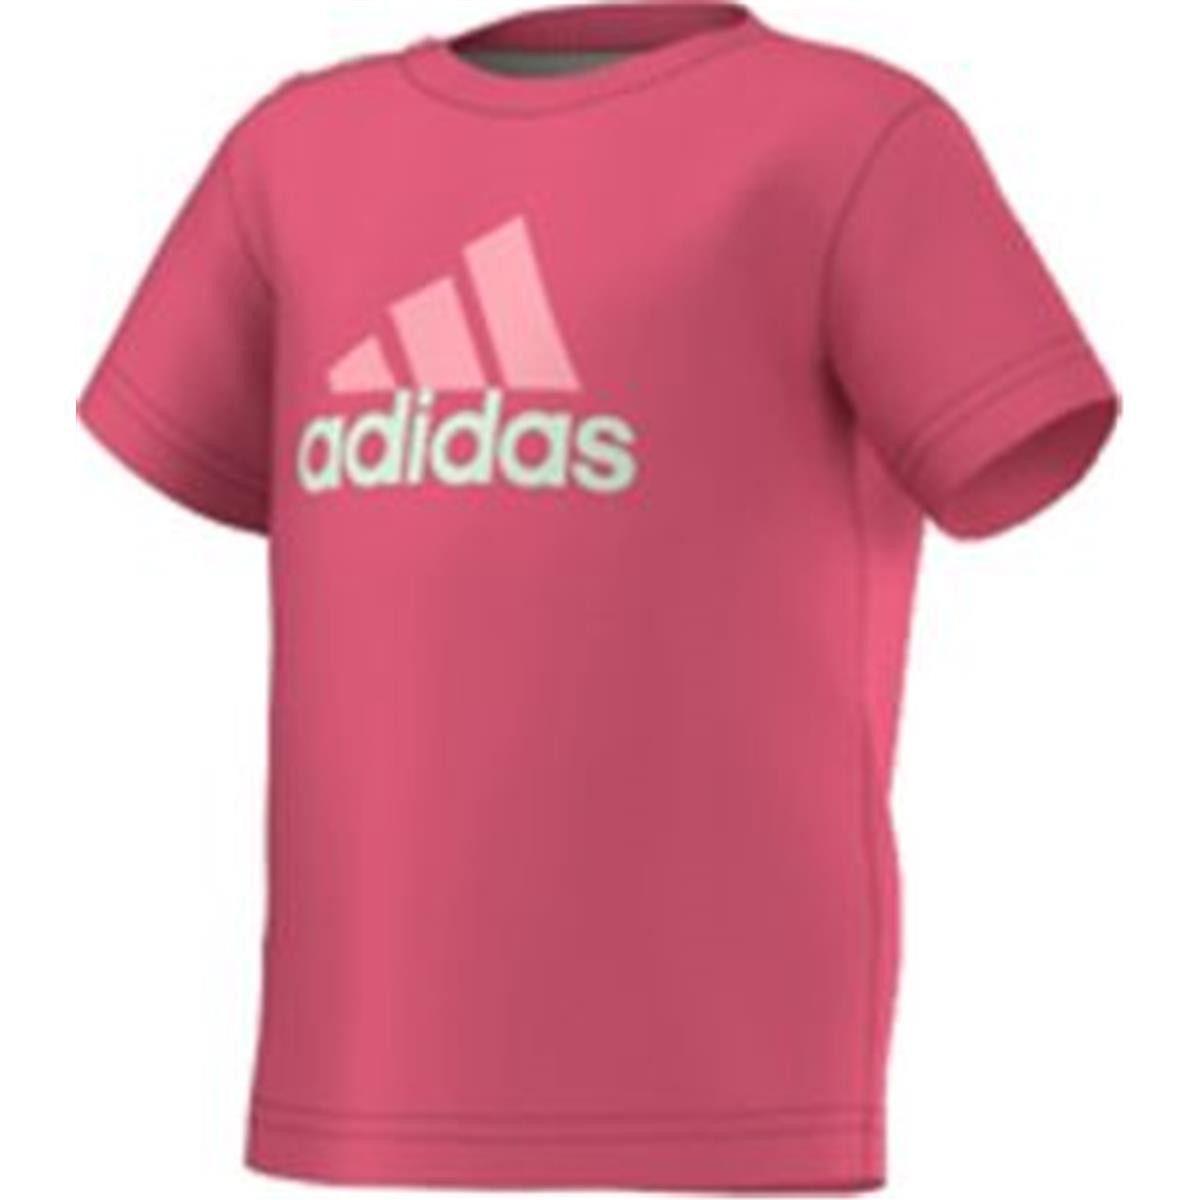 adidas t-shirt mädchen 92